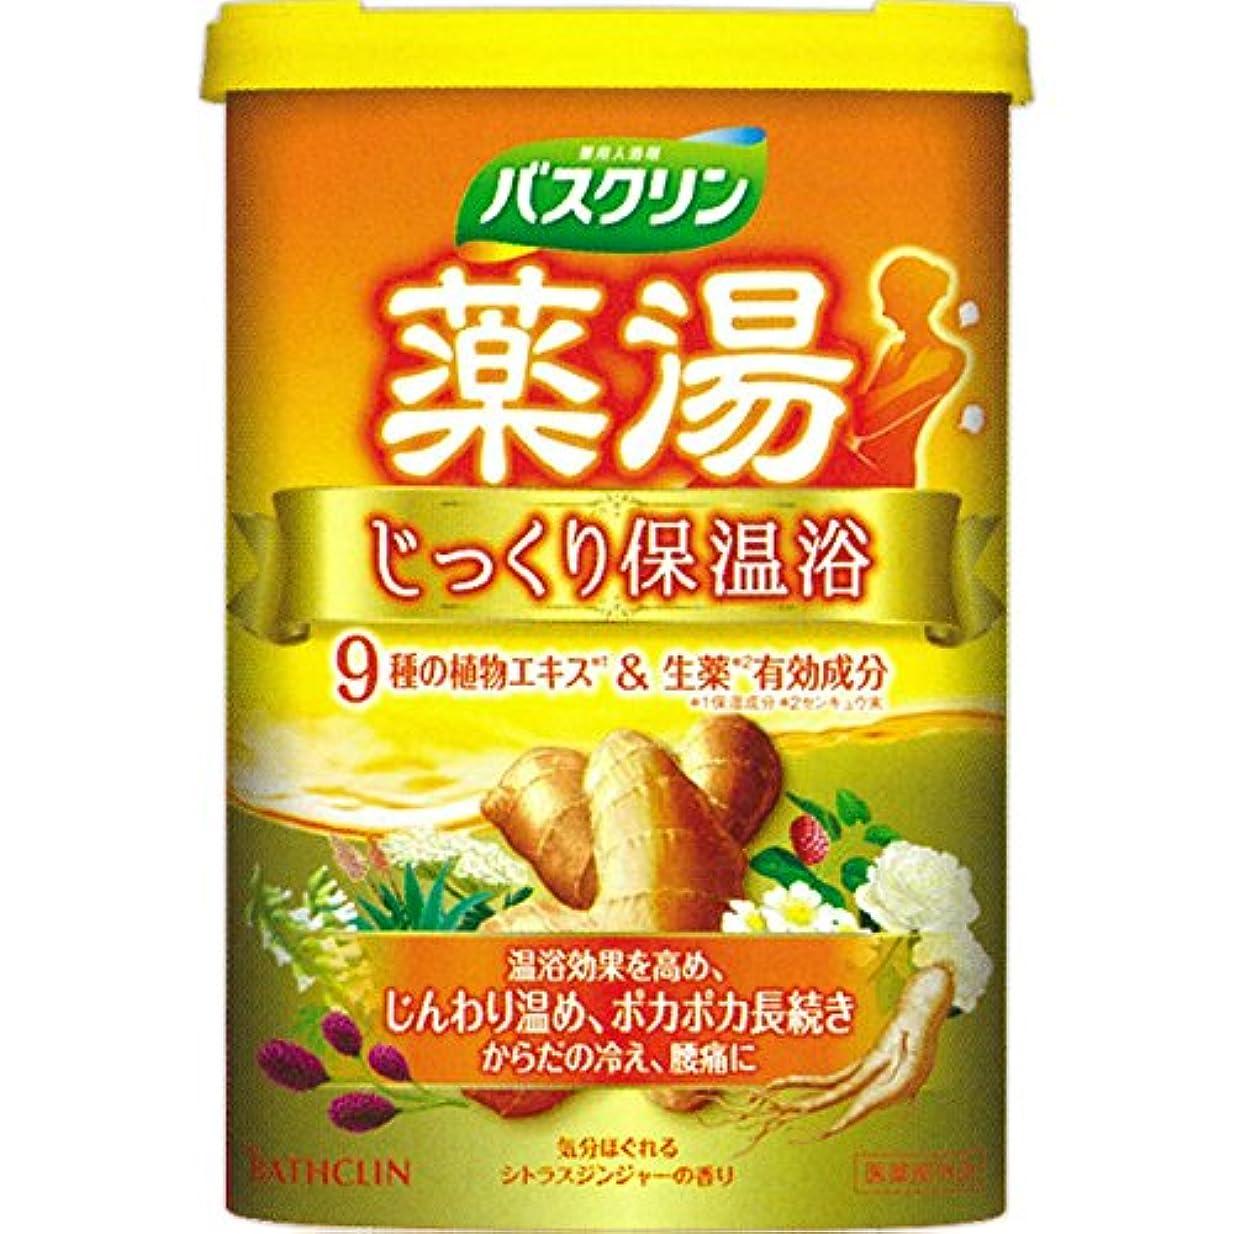 エクステント解体する誠意薬湯バスクリン じっくり保温浴 フローラルジンジャーの香り 600g(入浴剤)